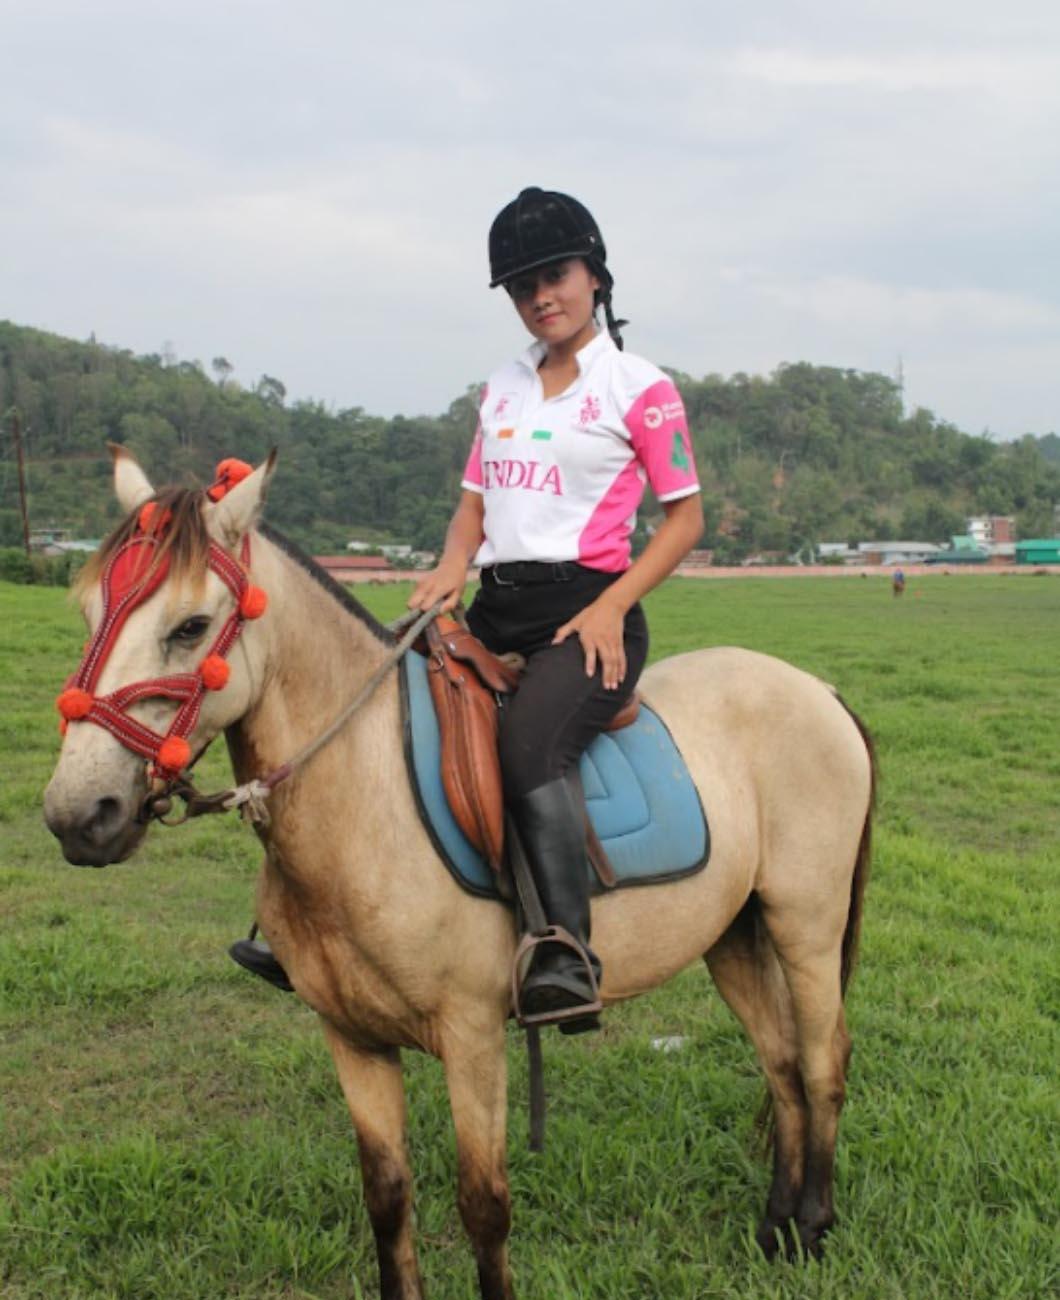 Victoria_Oinam_Manipur_women_polo_player_team_La_Polo